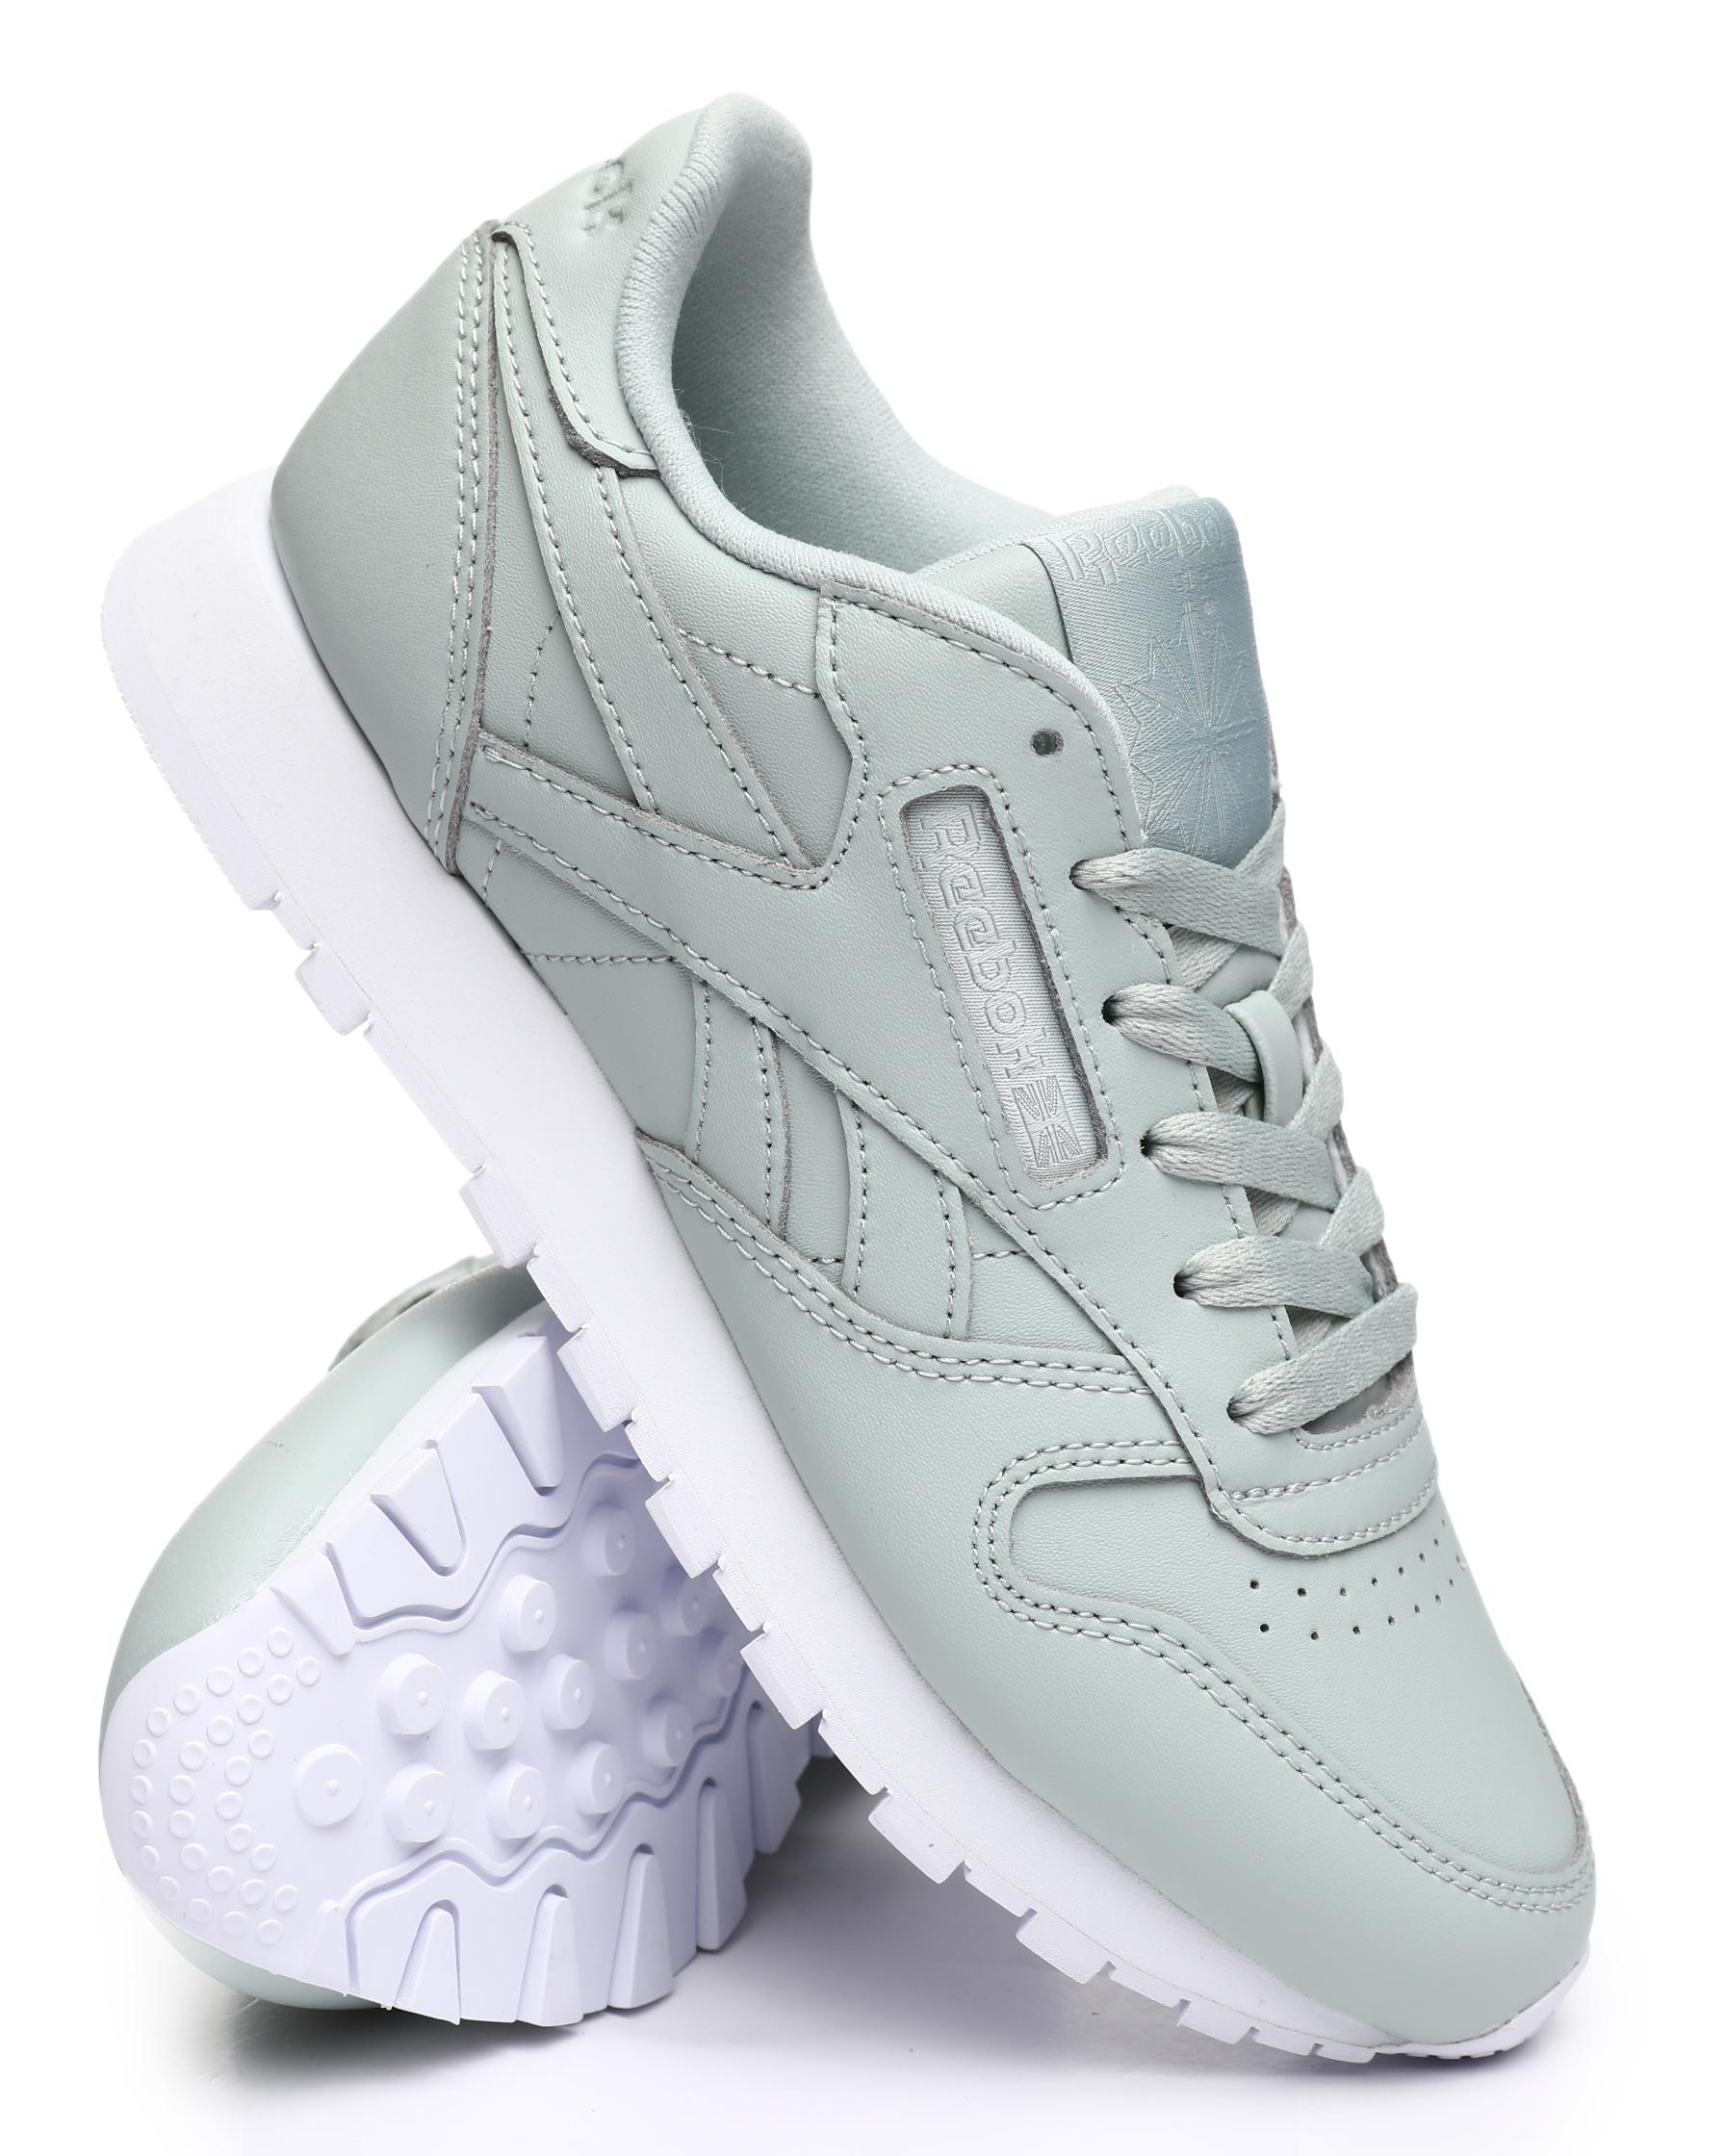 Buy Classic Leather Sneakers Women's Footwear from Reebok